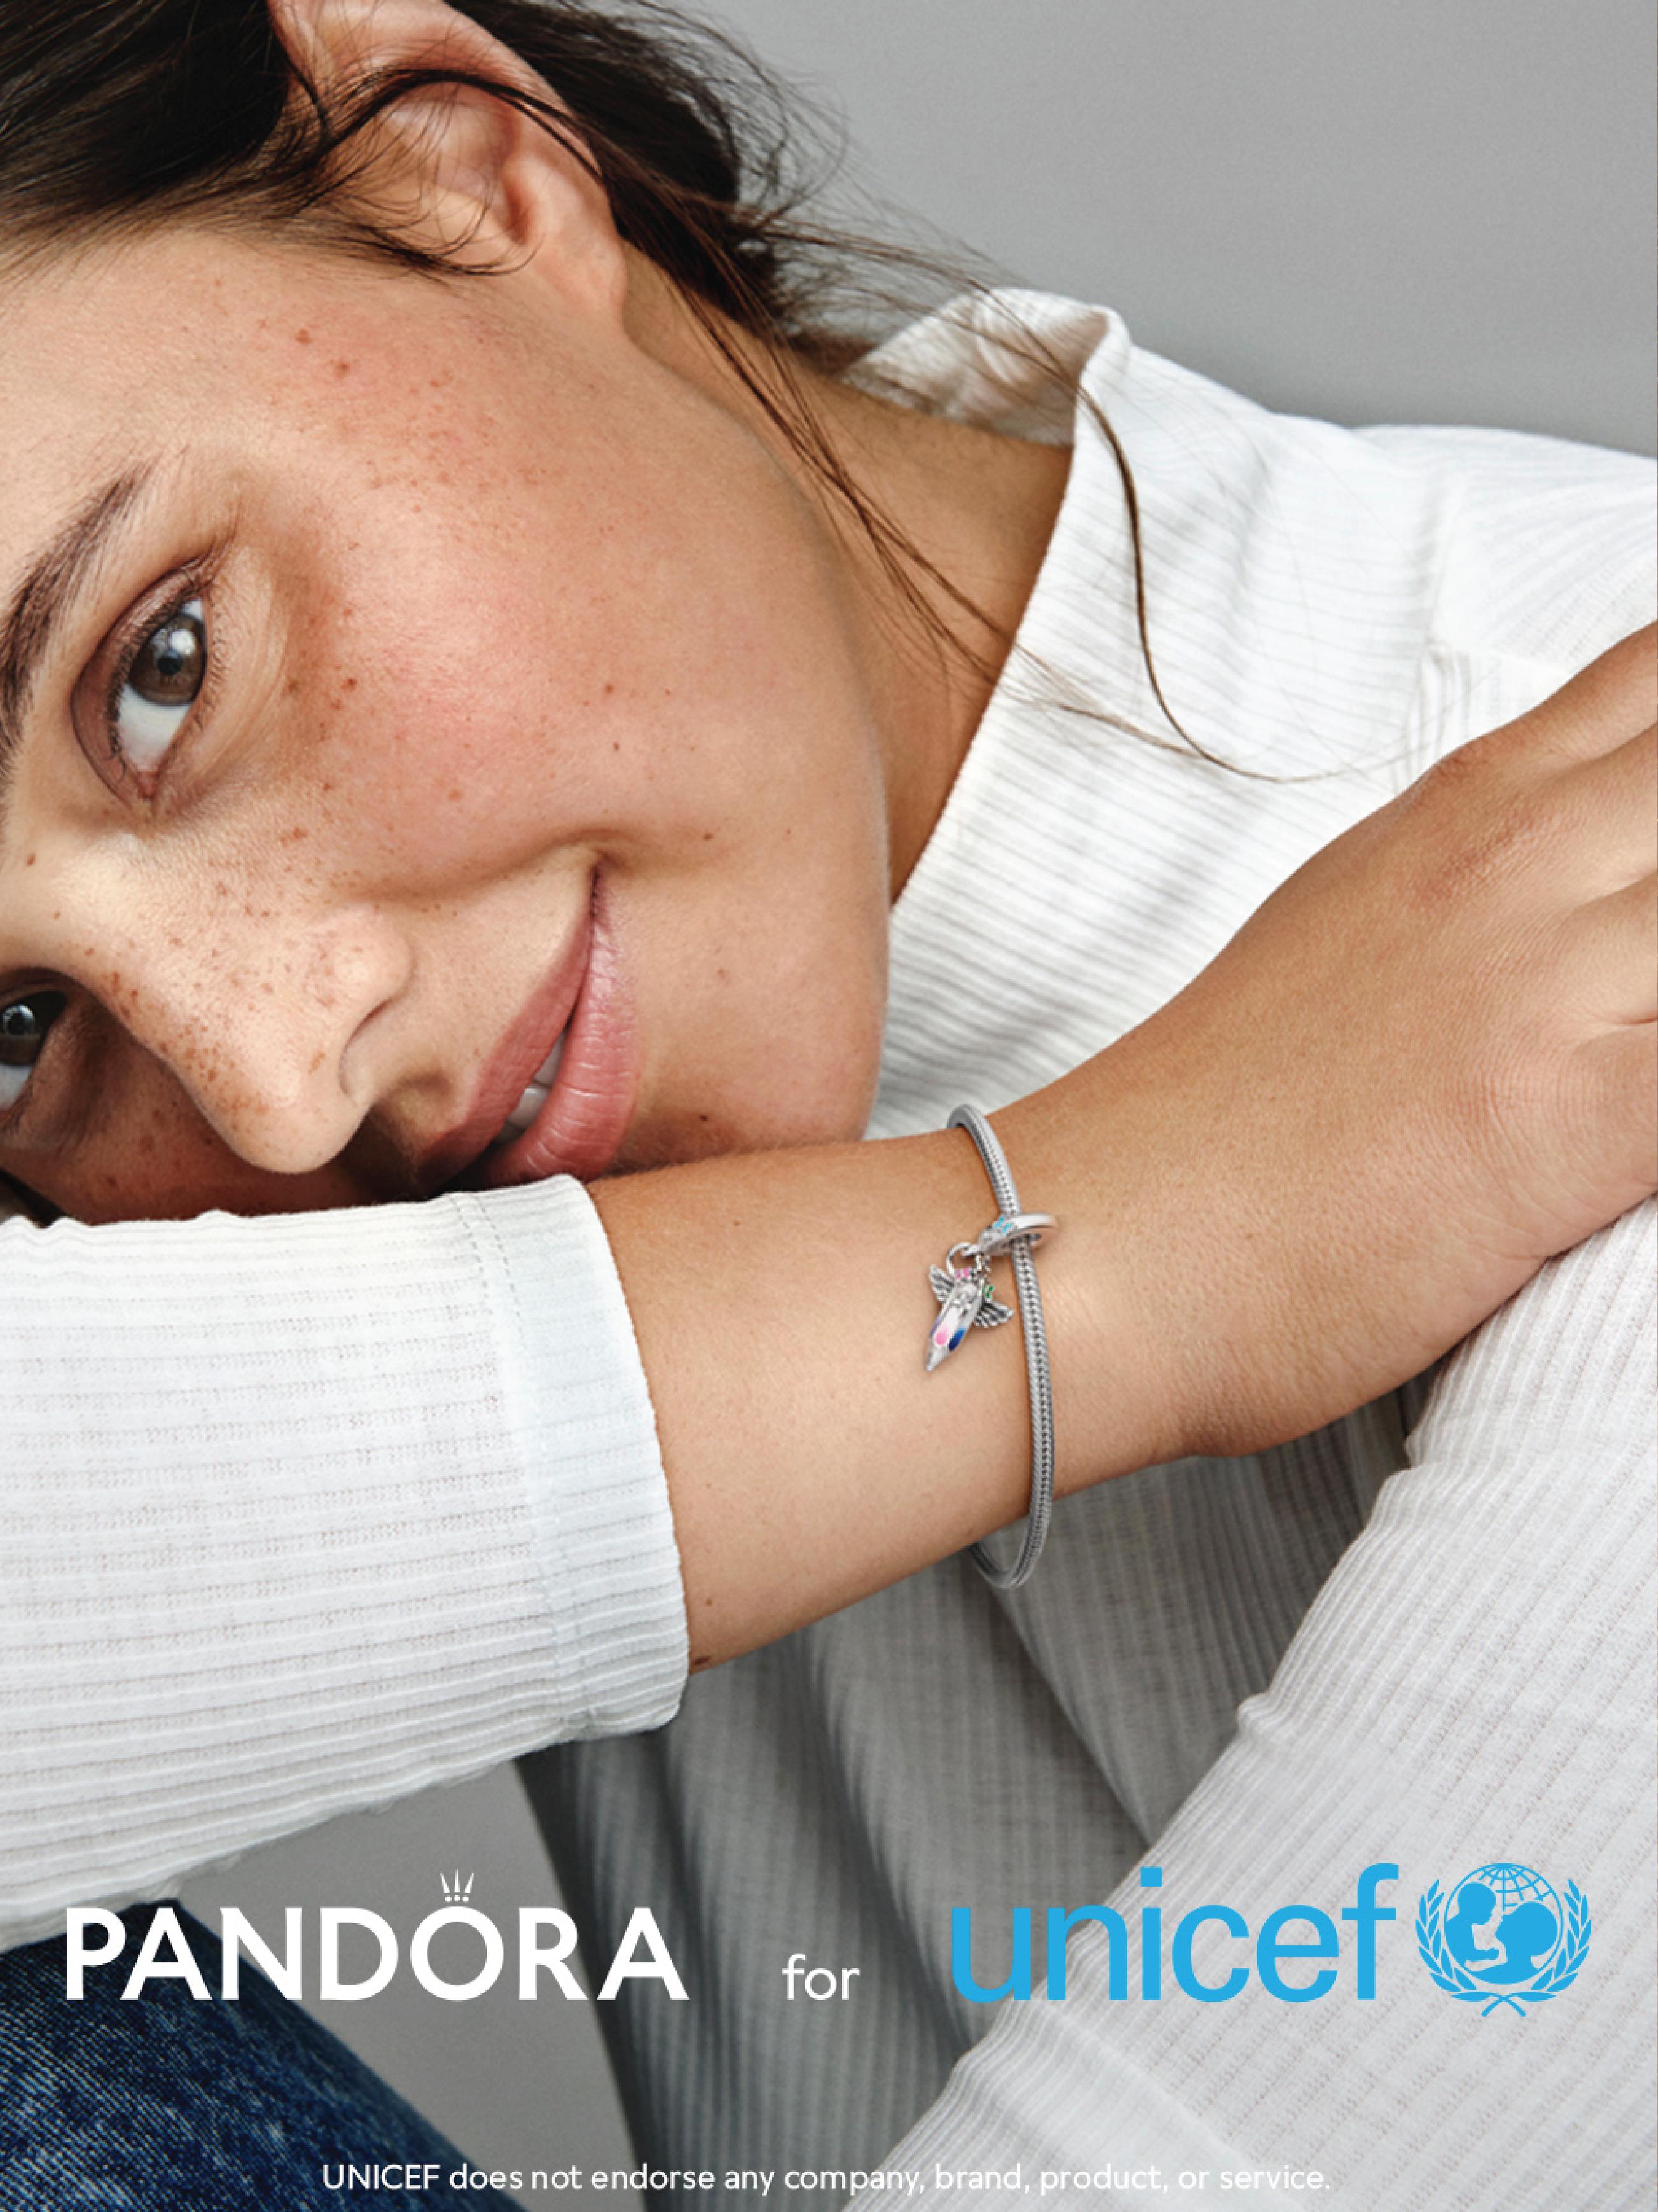 PR�VESKY PANDORA X UNICEF